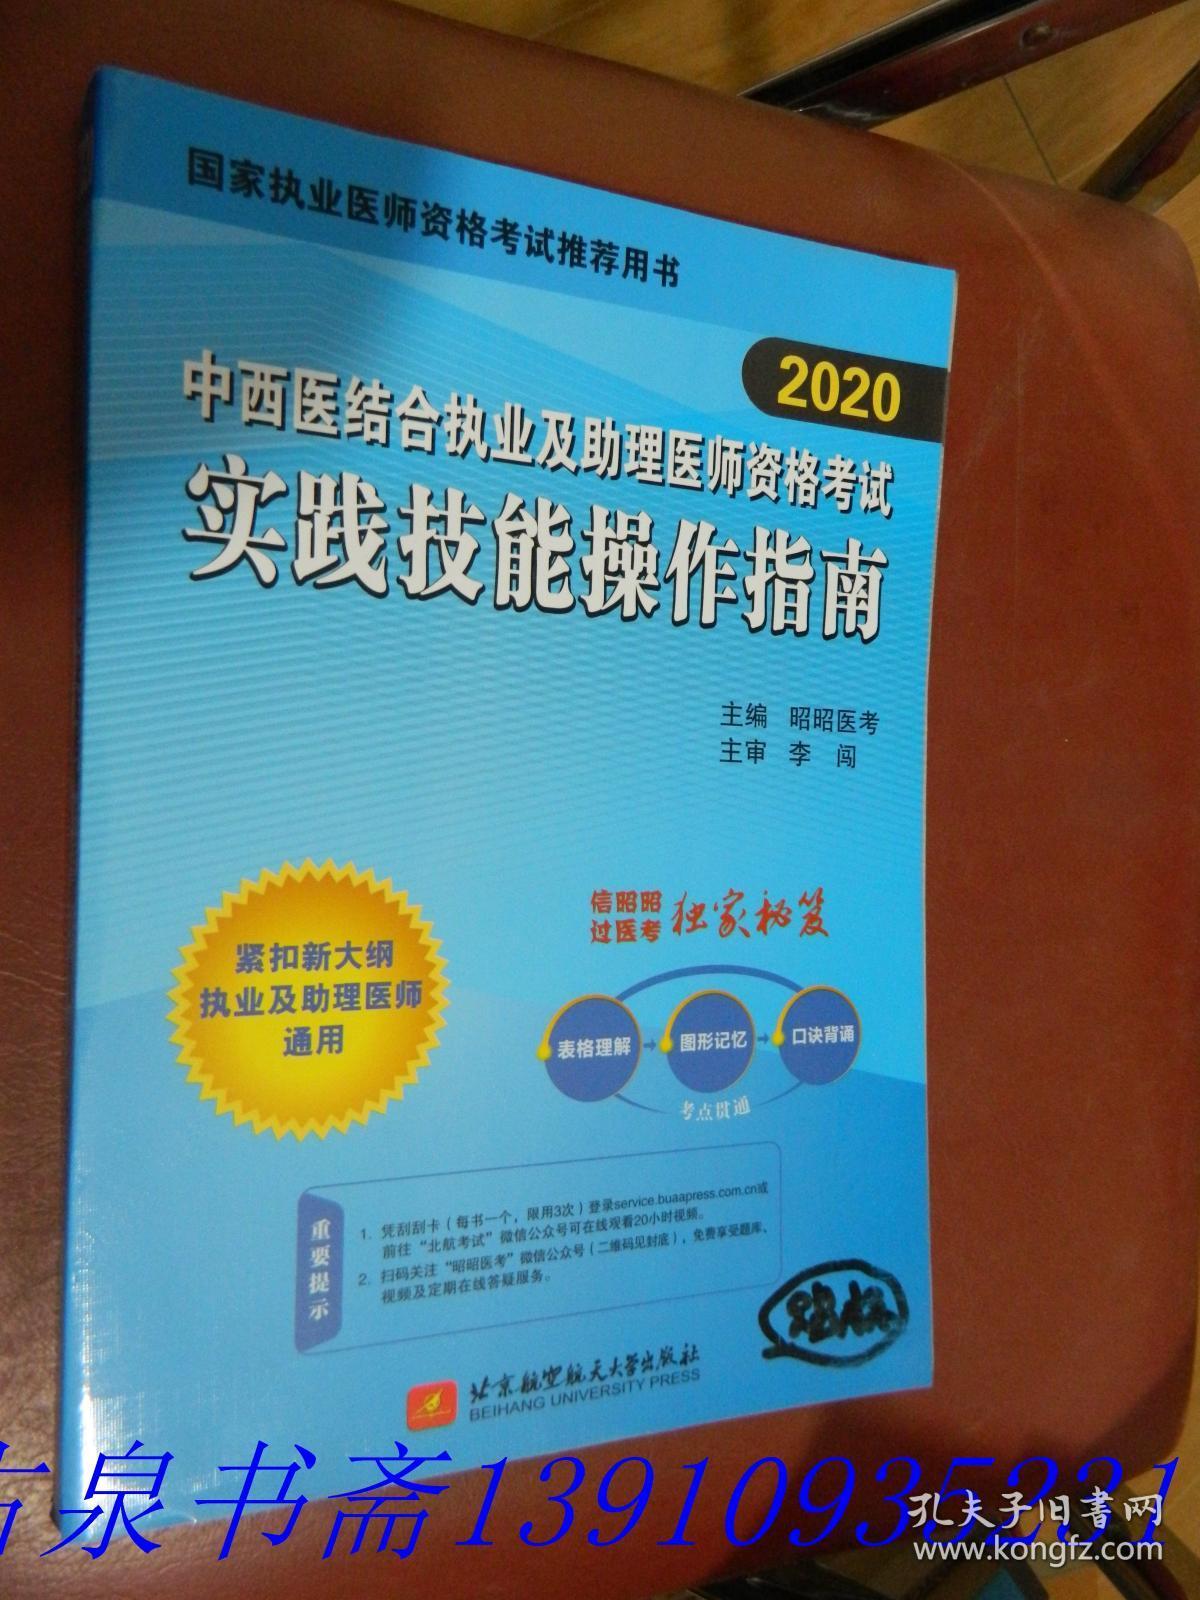 2020昭昭执业医师考试中西医结合执业及助理医师资格考试实践技能操作指南